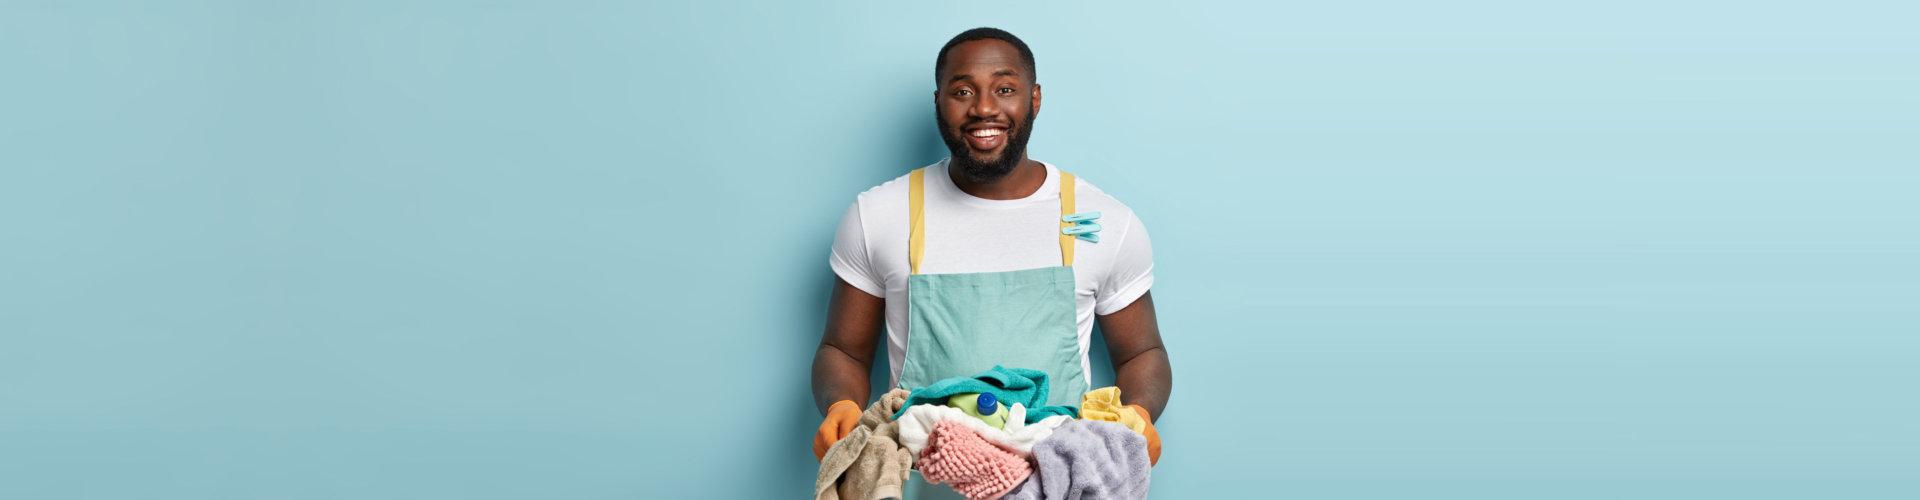 caregiver doing laundry